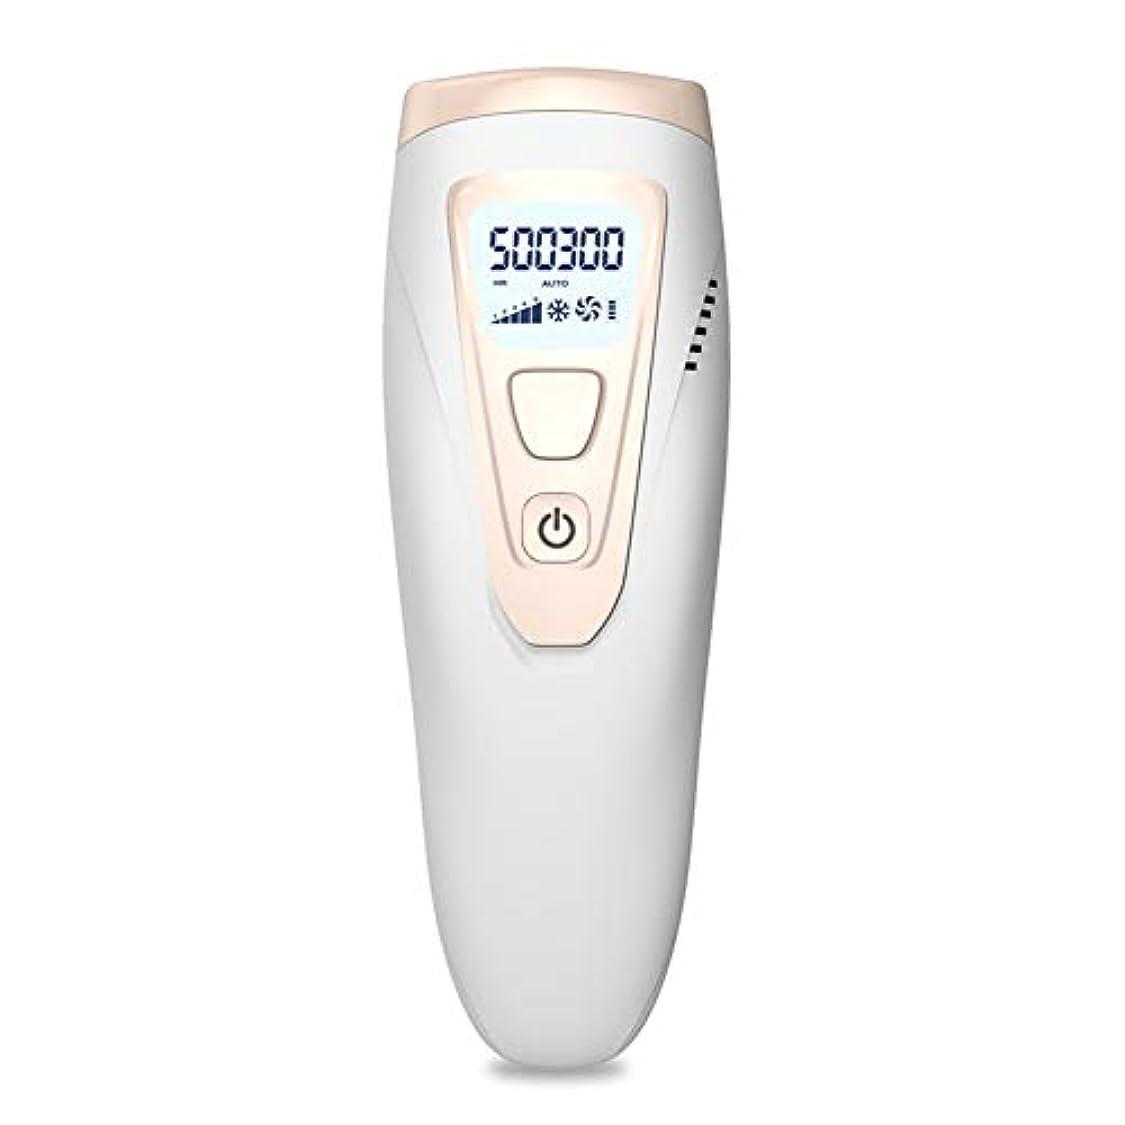 ブルームメキシコアピールアイスクールIPLレーザー脱毛システム50万回のフラッシュ無痛常設パルス光脱毛器デバイス、にとってボディフェイス脇の下ビキニライン